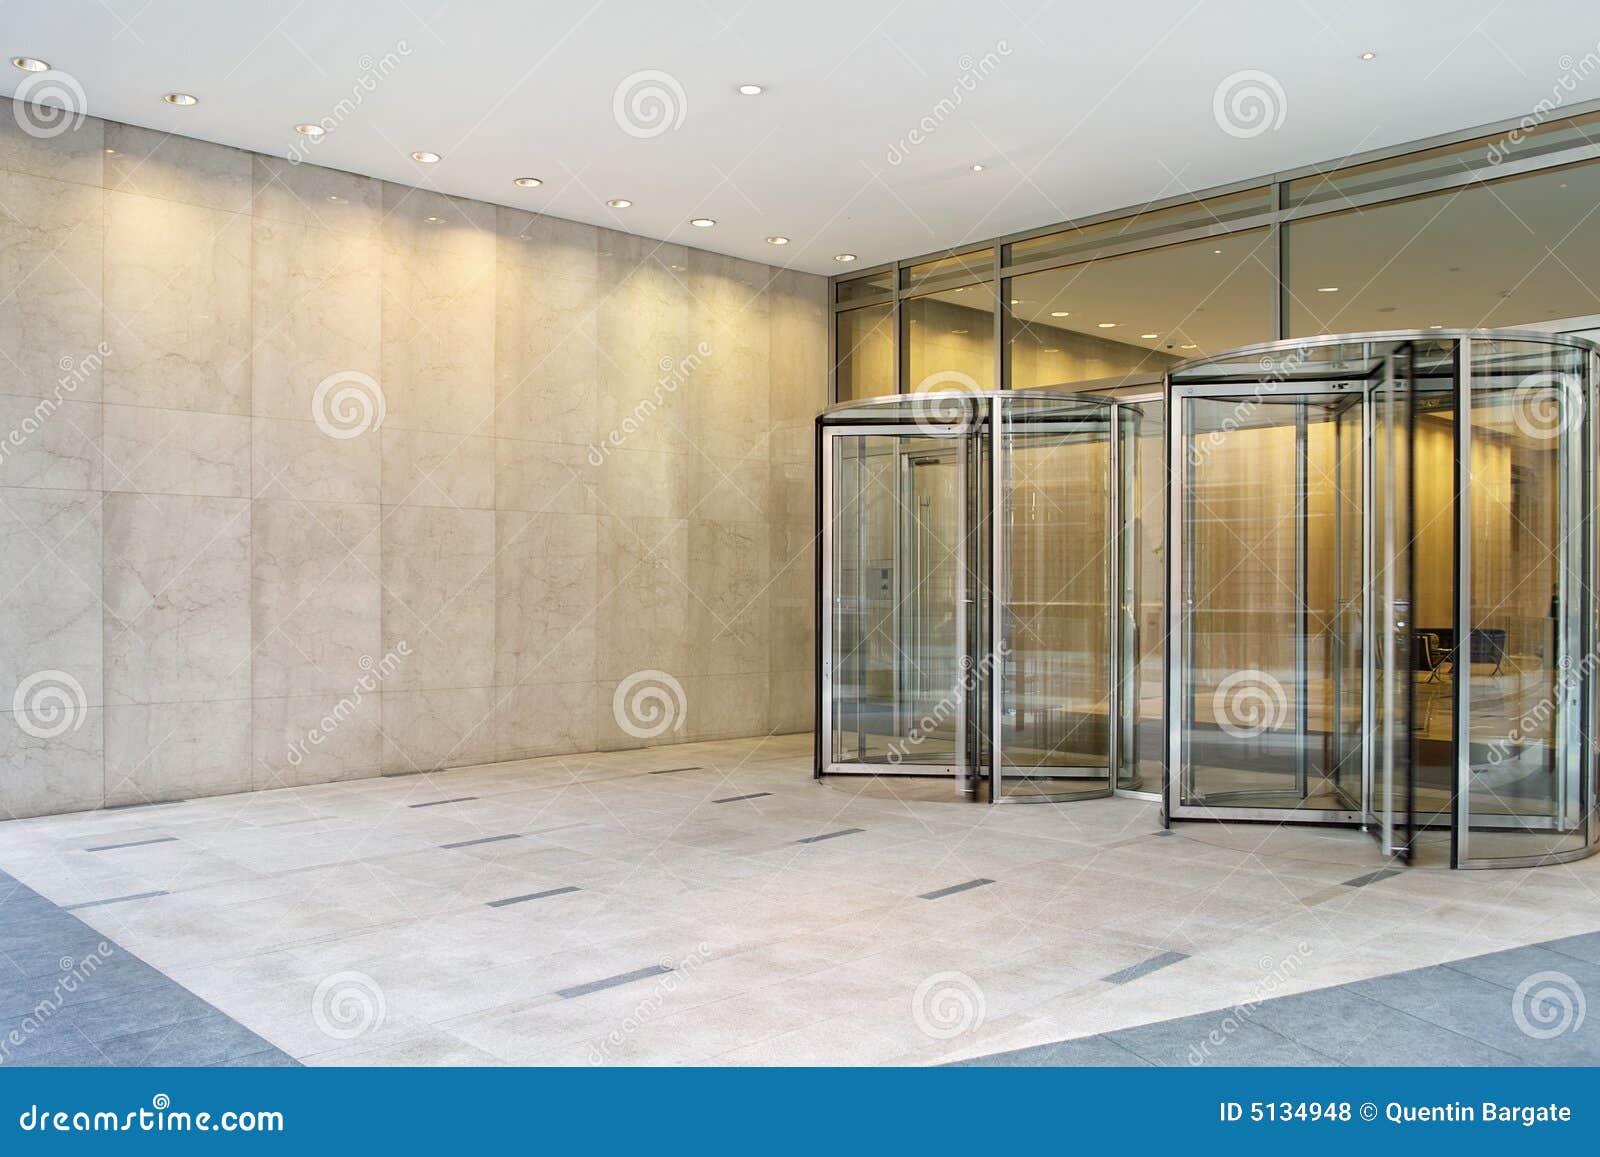 Ufficio Di Entrata : Entrata dell ufficio fotografia stock immagine di architettura